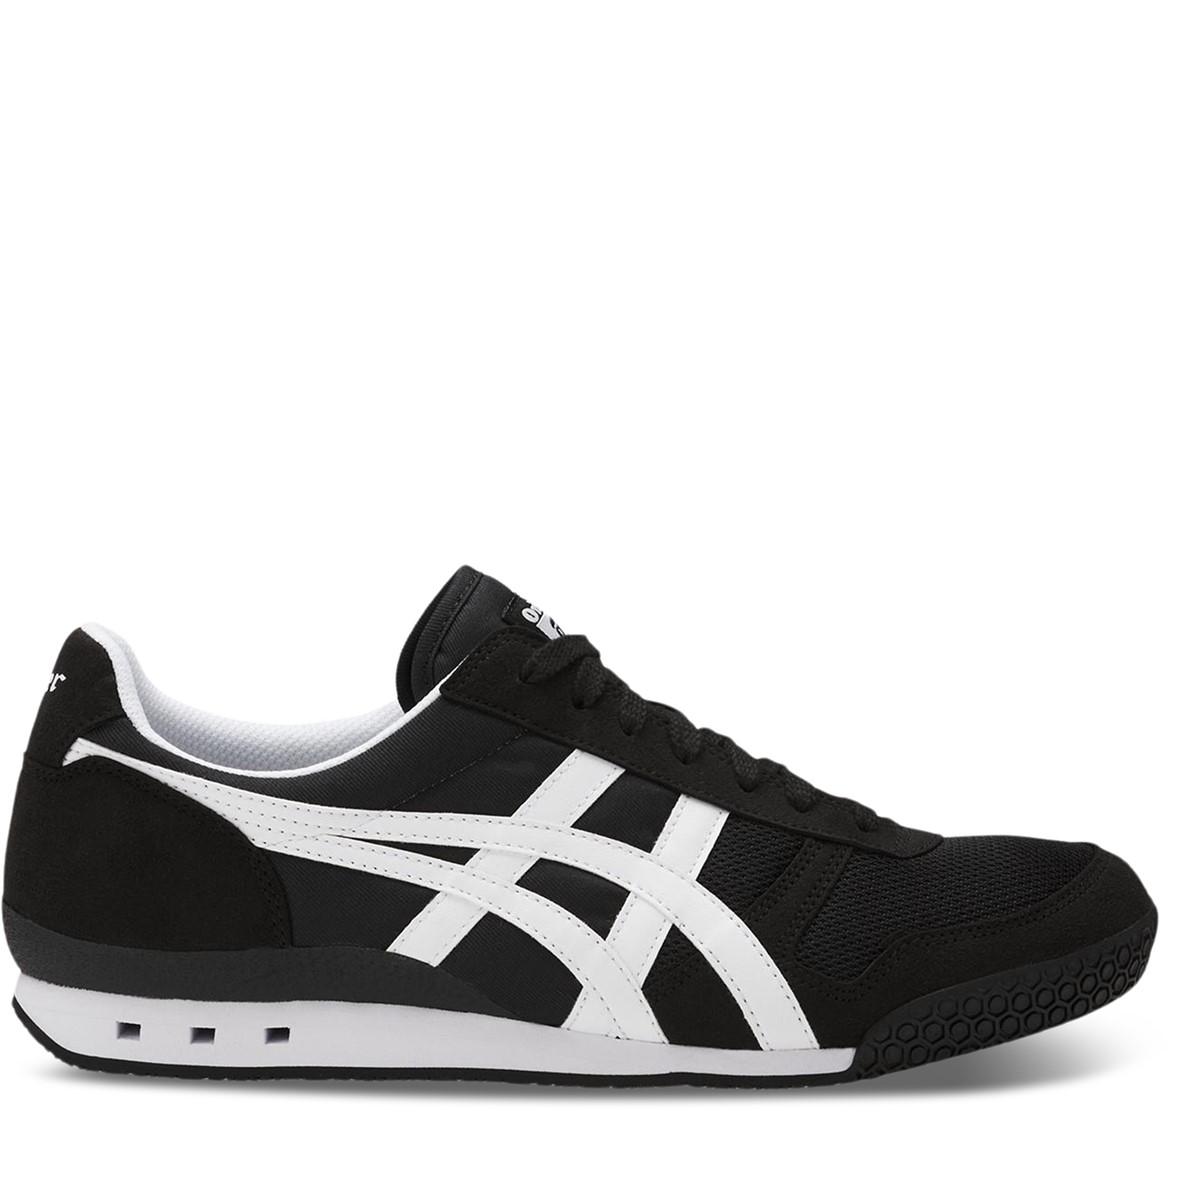 Men's Ultimate 81 Sneakers in Black/White